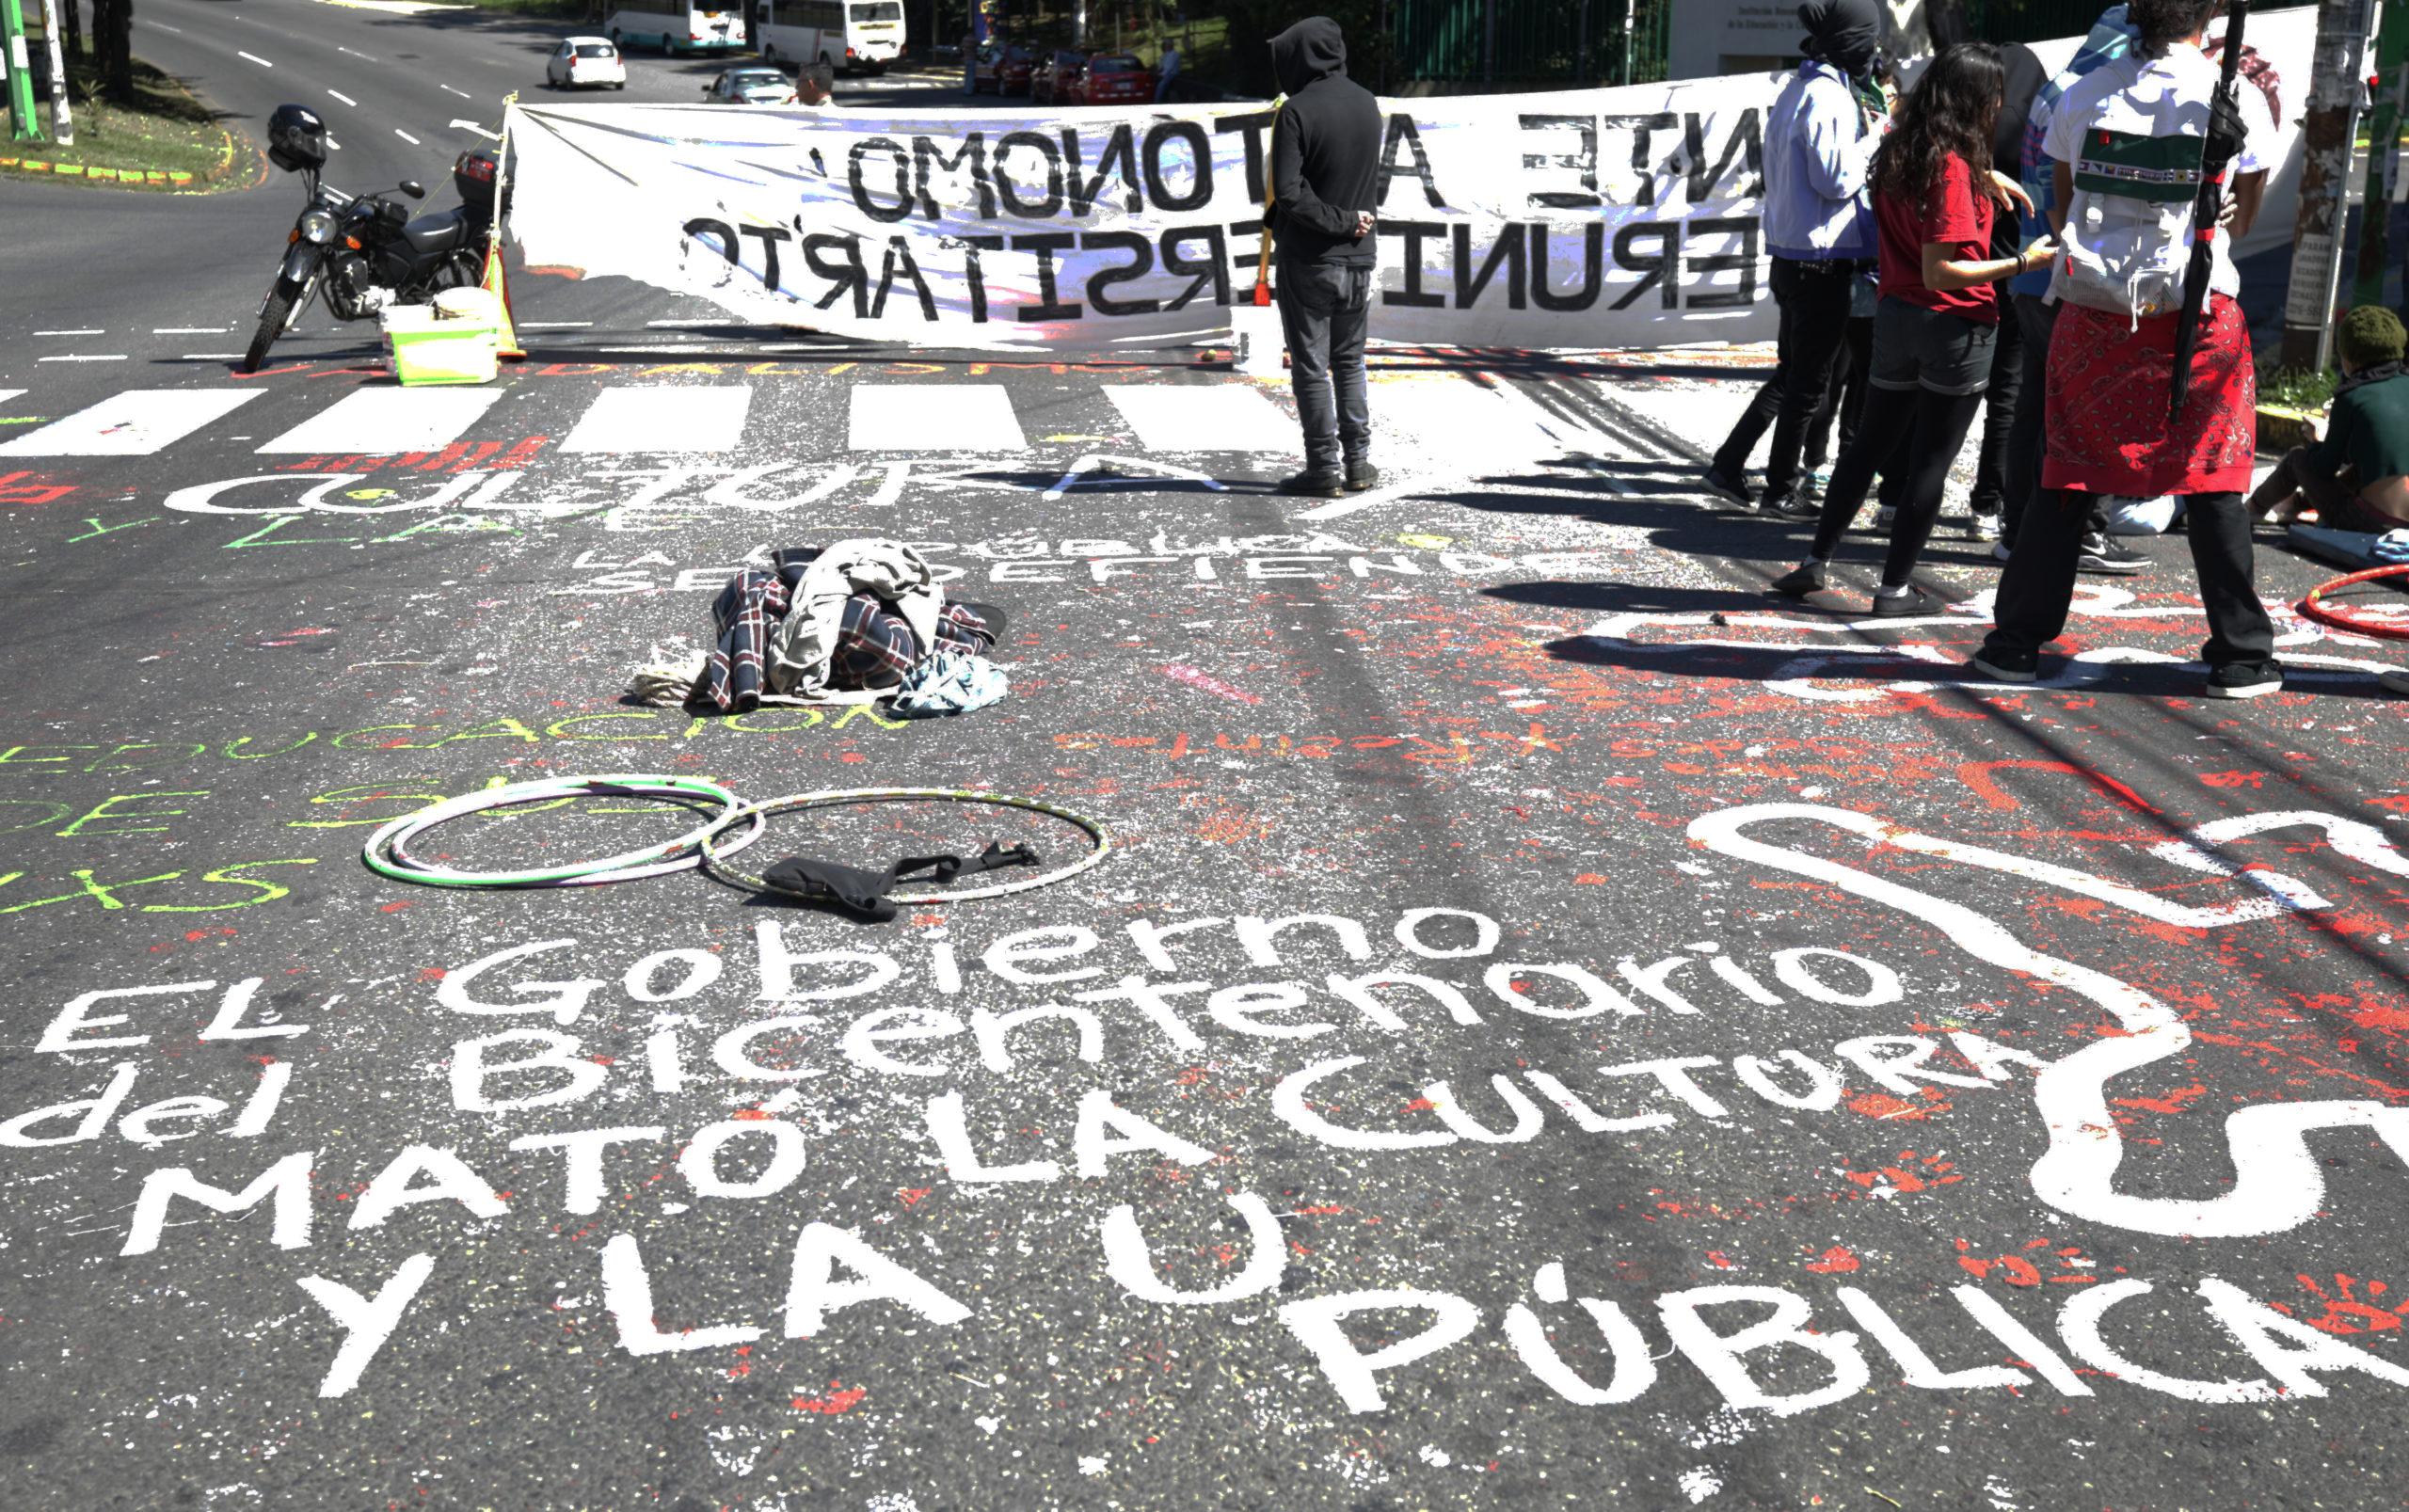 Grupo de estudiantes bloquea dos carriles frente a la Facultad de Derecho de la UCR, hoy jueves 21 de noviembre (Foto: Katya Alvarado).